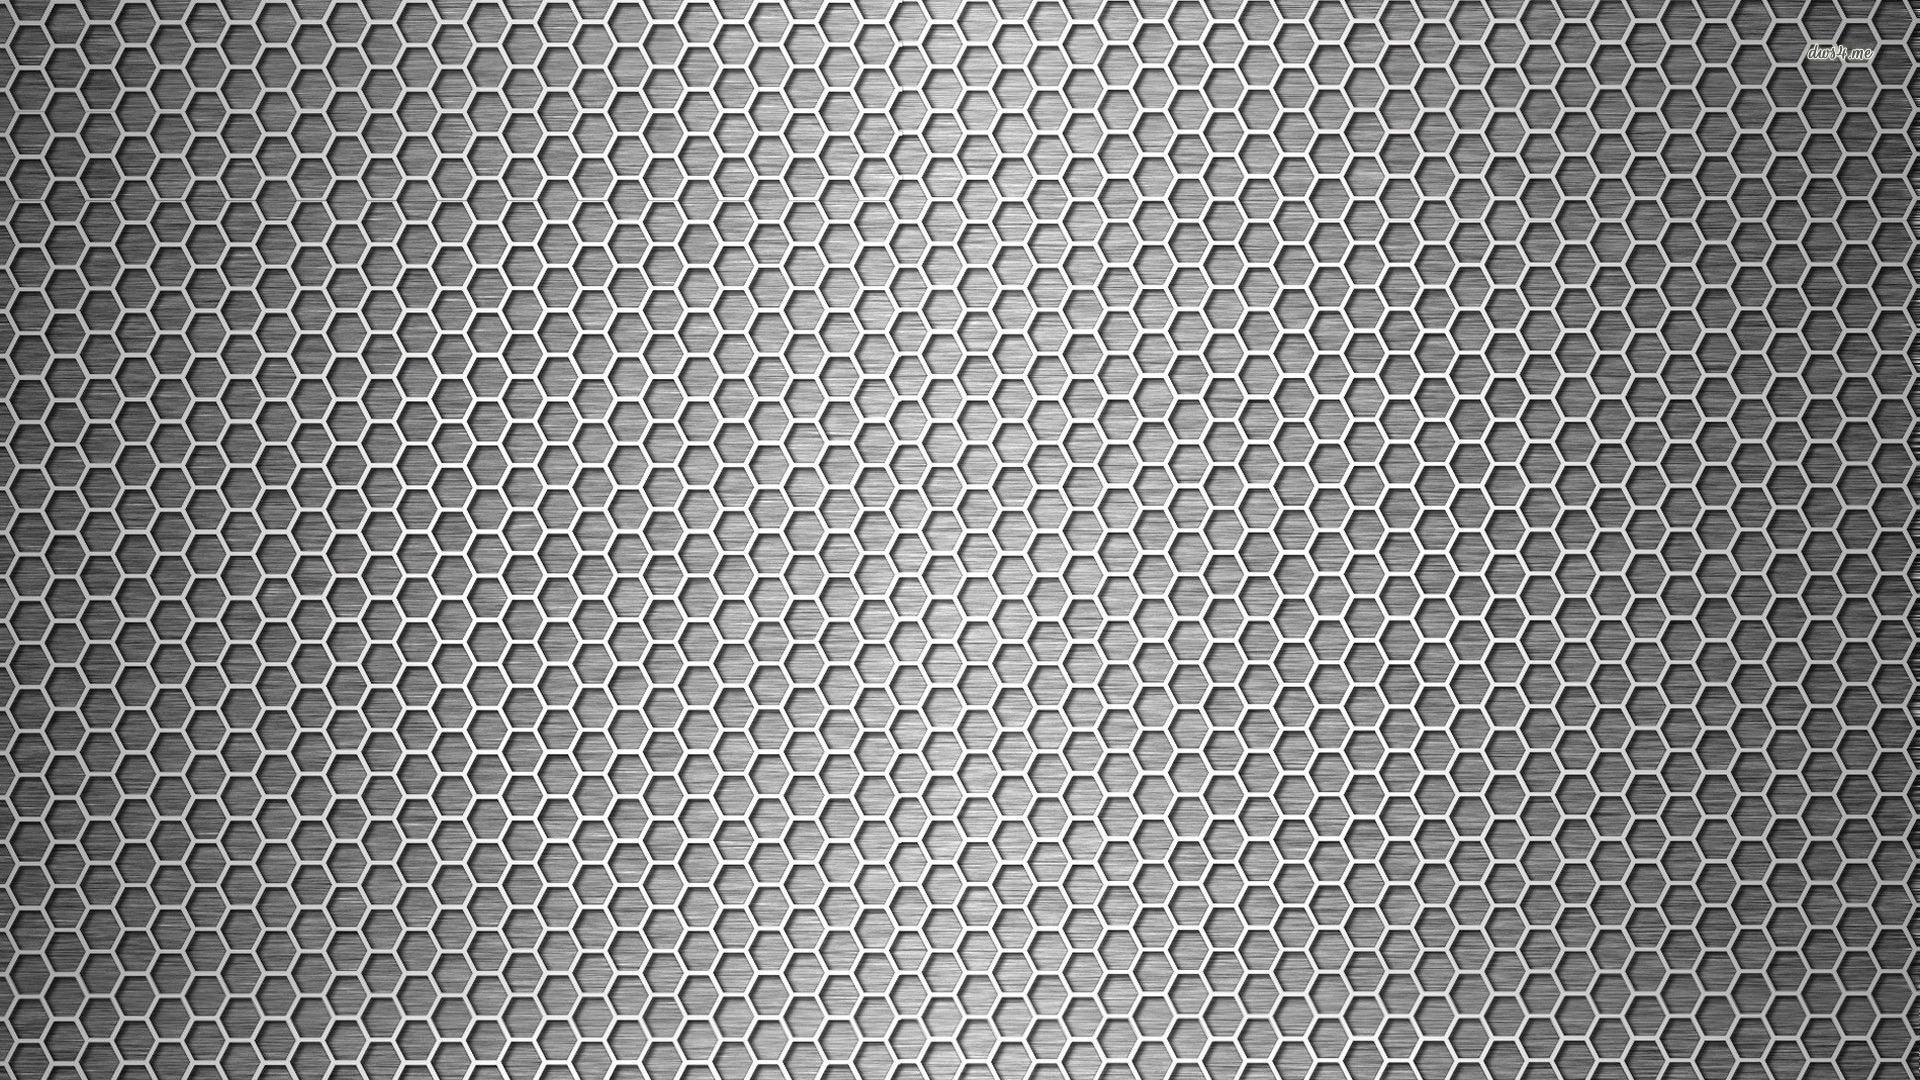 simple carbon fiber texture